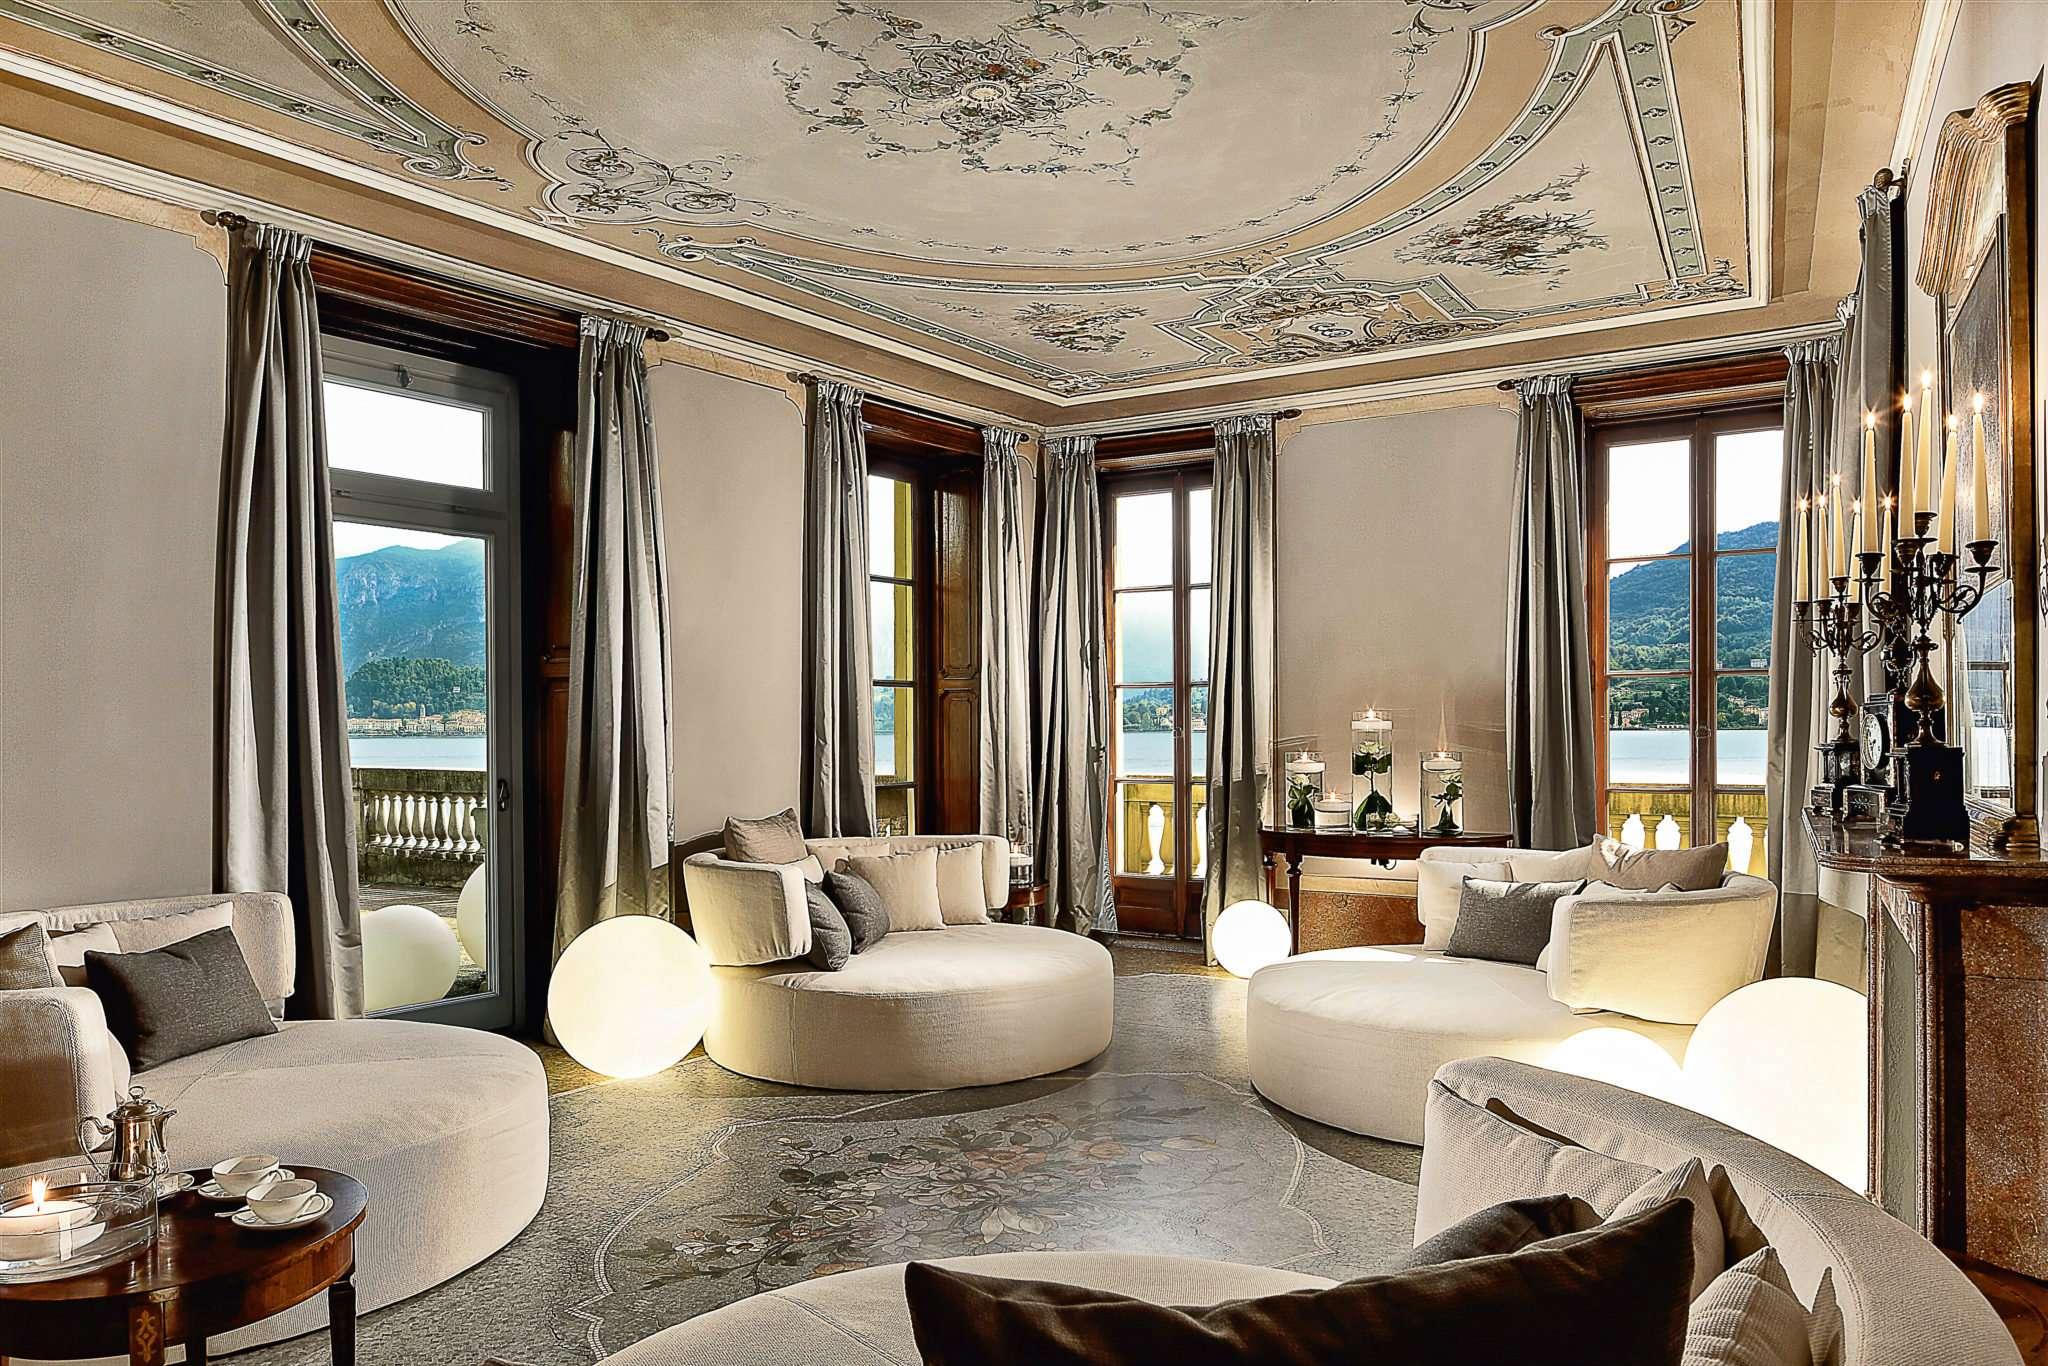 Albergo in vendita a Orvieto, 40 locali, prezzo € 1.490.000 | CambioCasa.it